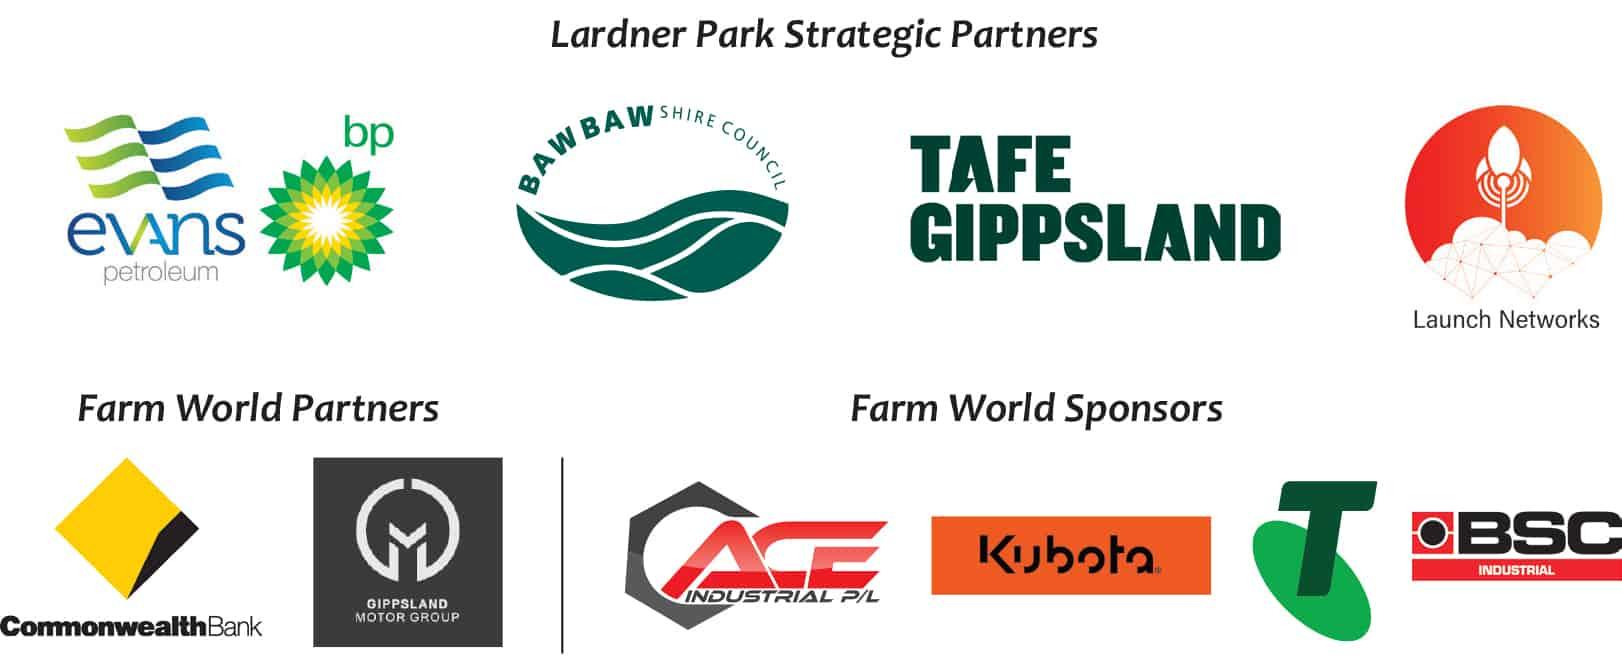 Lardner Park Partners and Sponsors